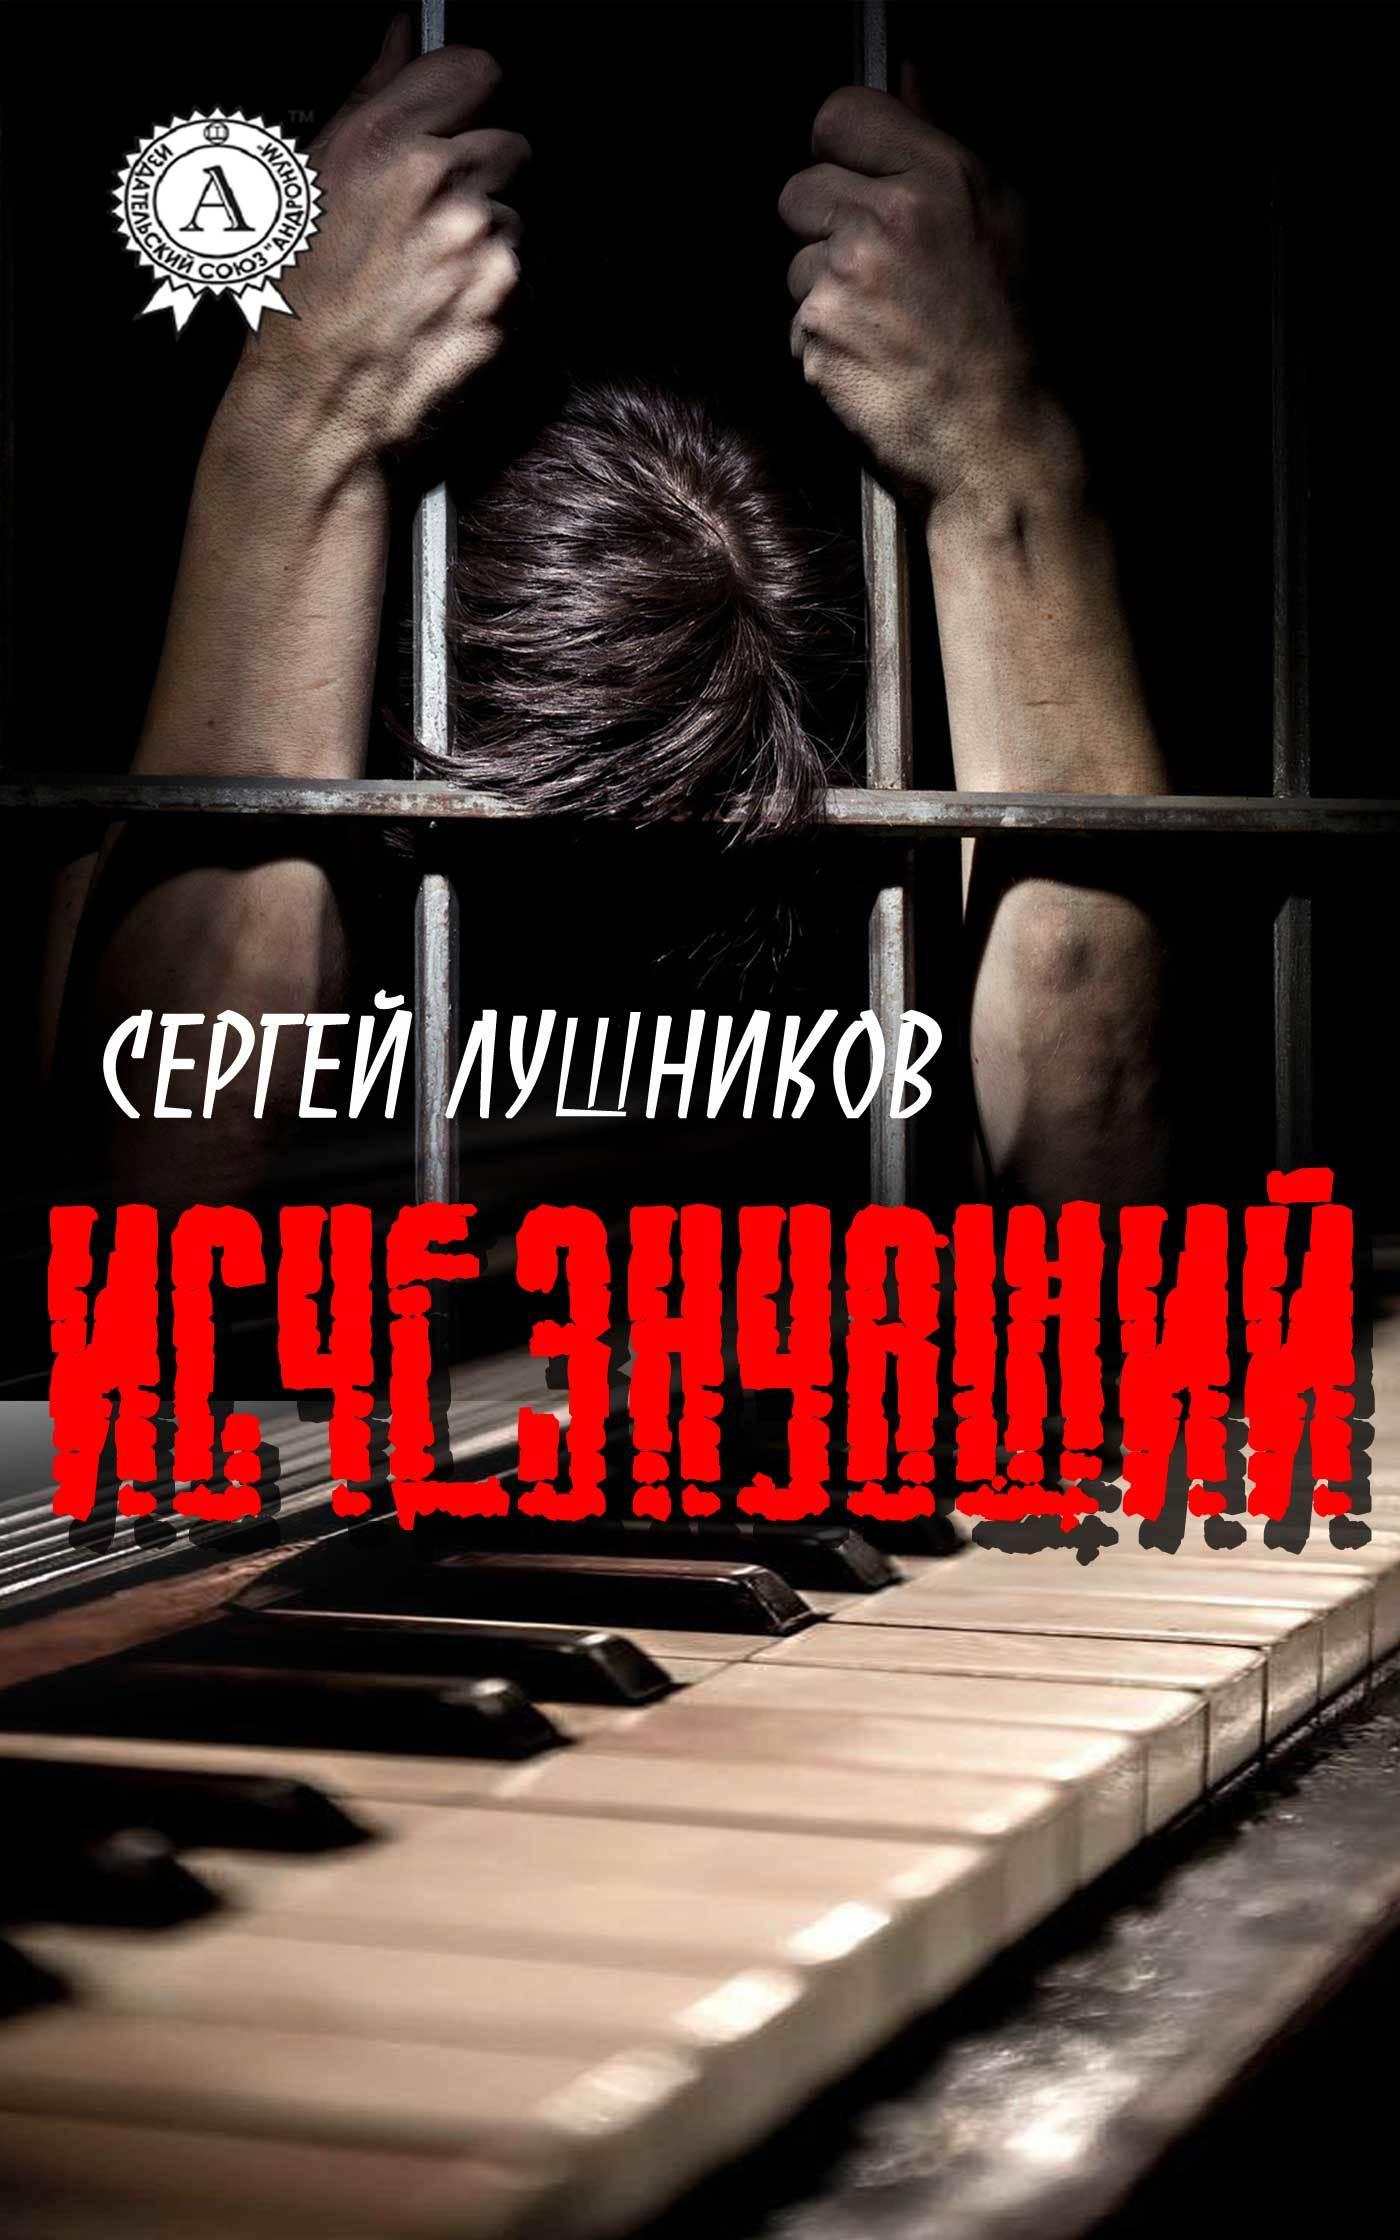 Сергей Лушников. Исчезнувший